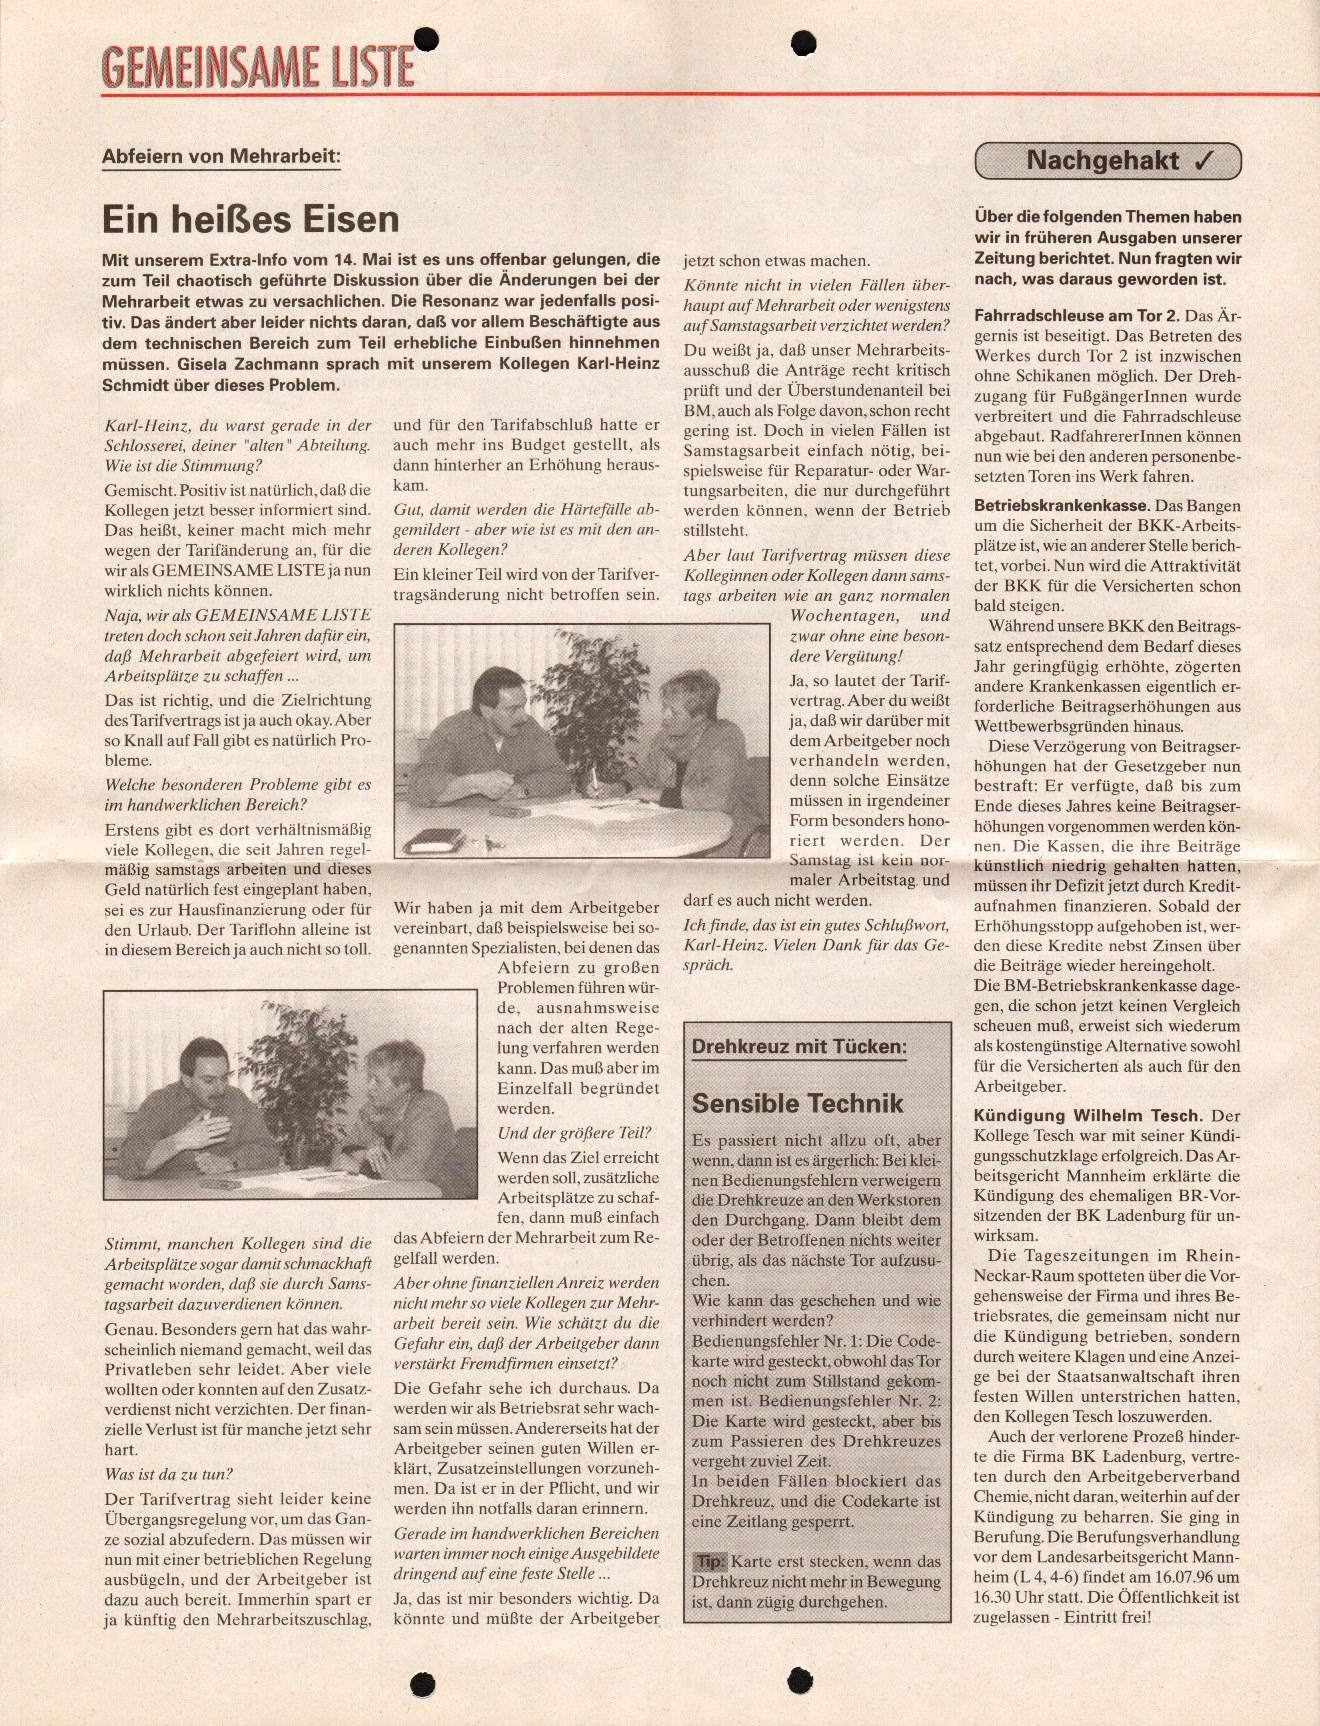 Mannheim_Boehringer_Gemeinsame_Liste_1996_01_02